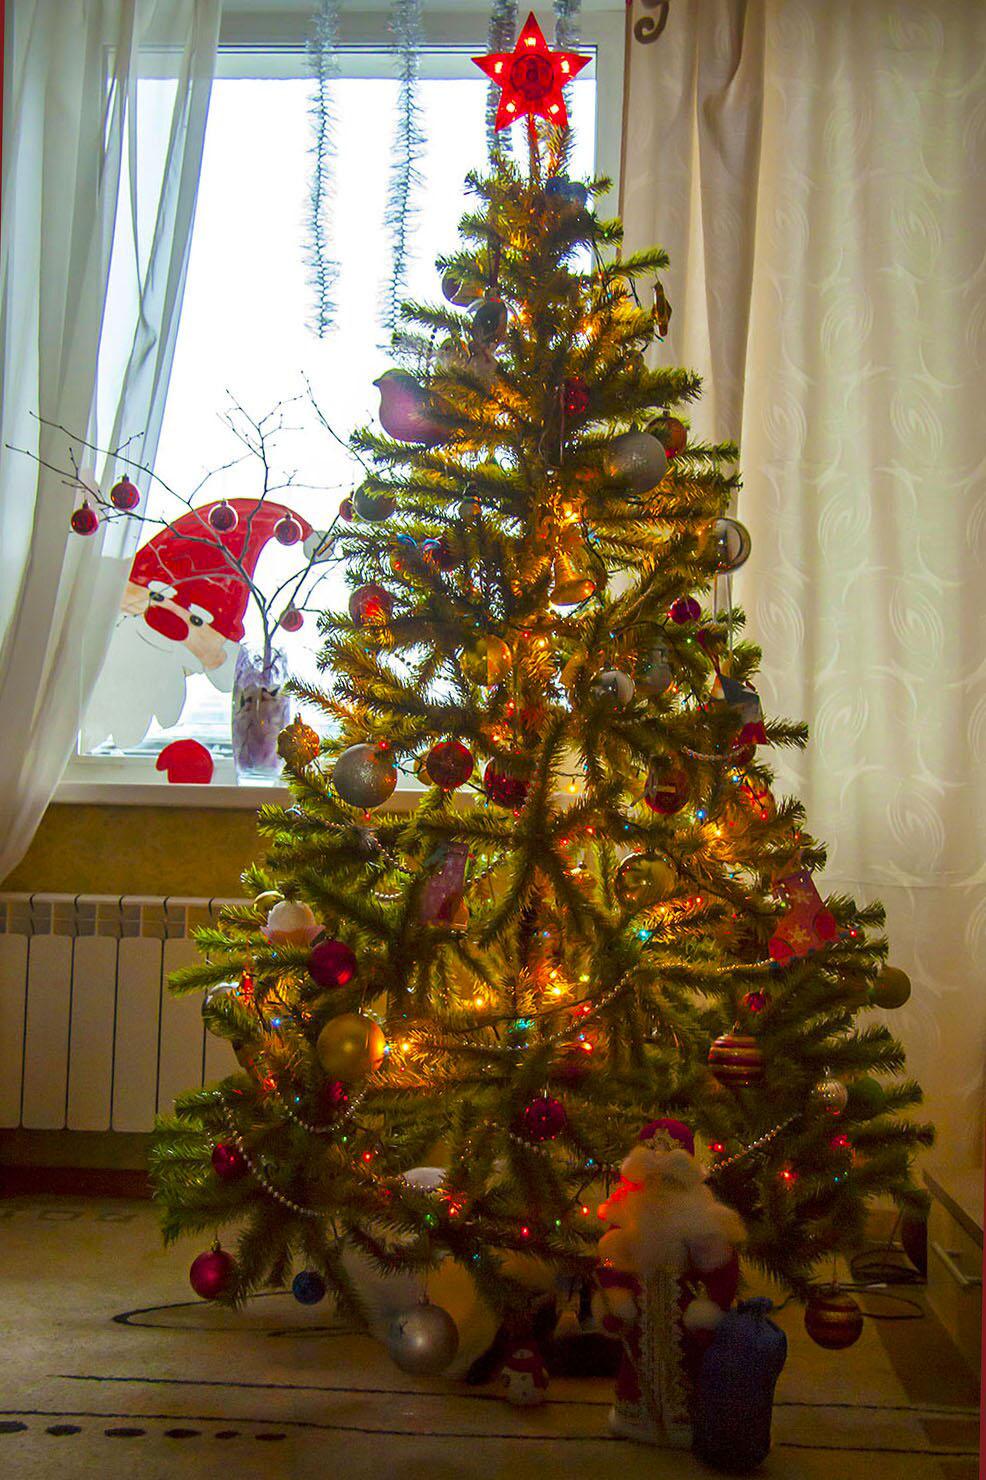 Елочка от Деда Мороза. Блиц: Ну и елка!